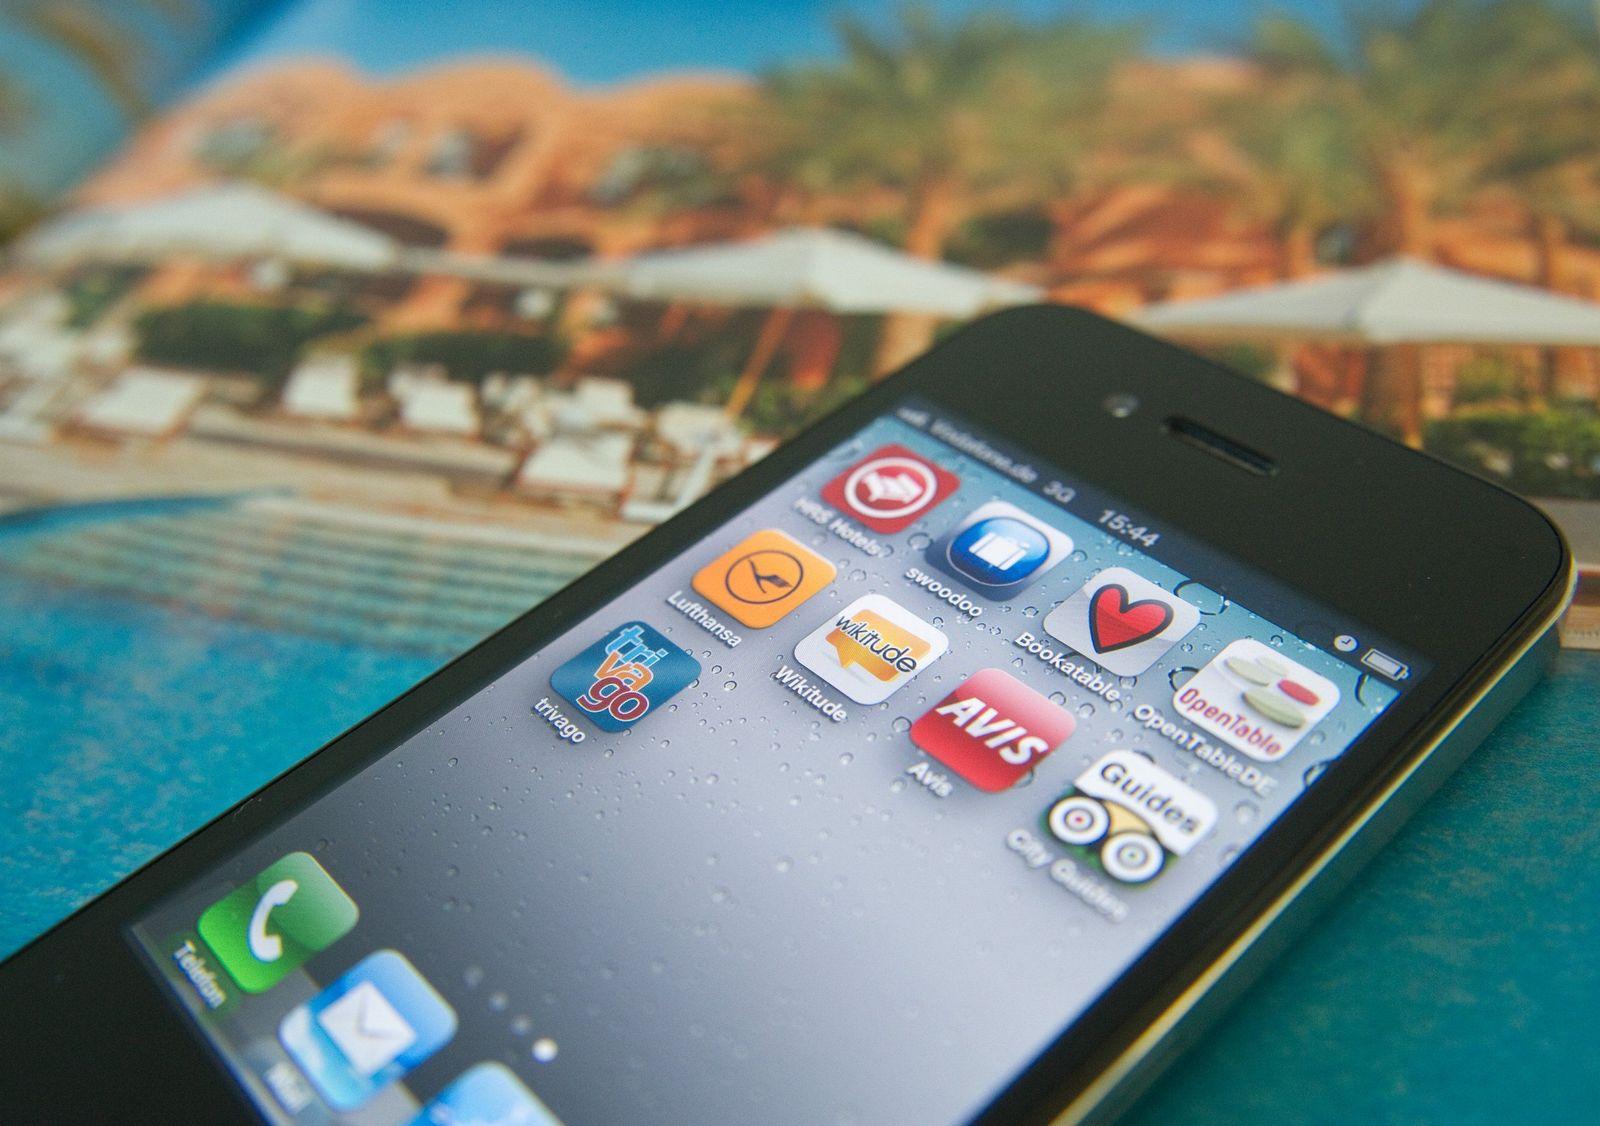 EINMALIGE VERWENDUNG Smartphone / Urlaub / Reise-Apps